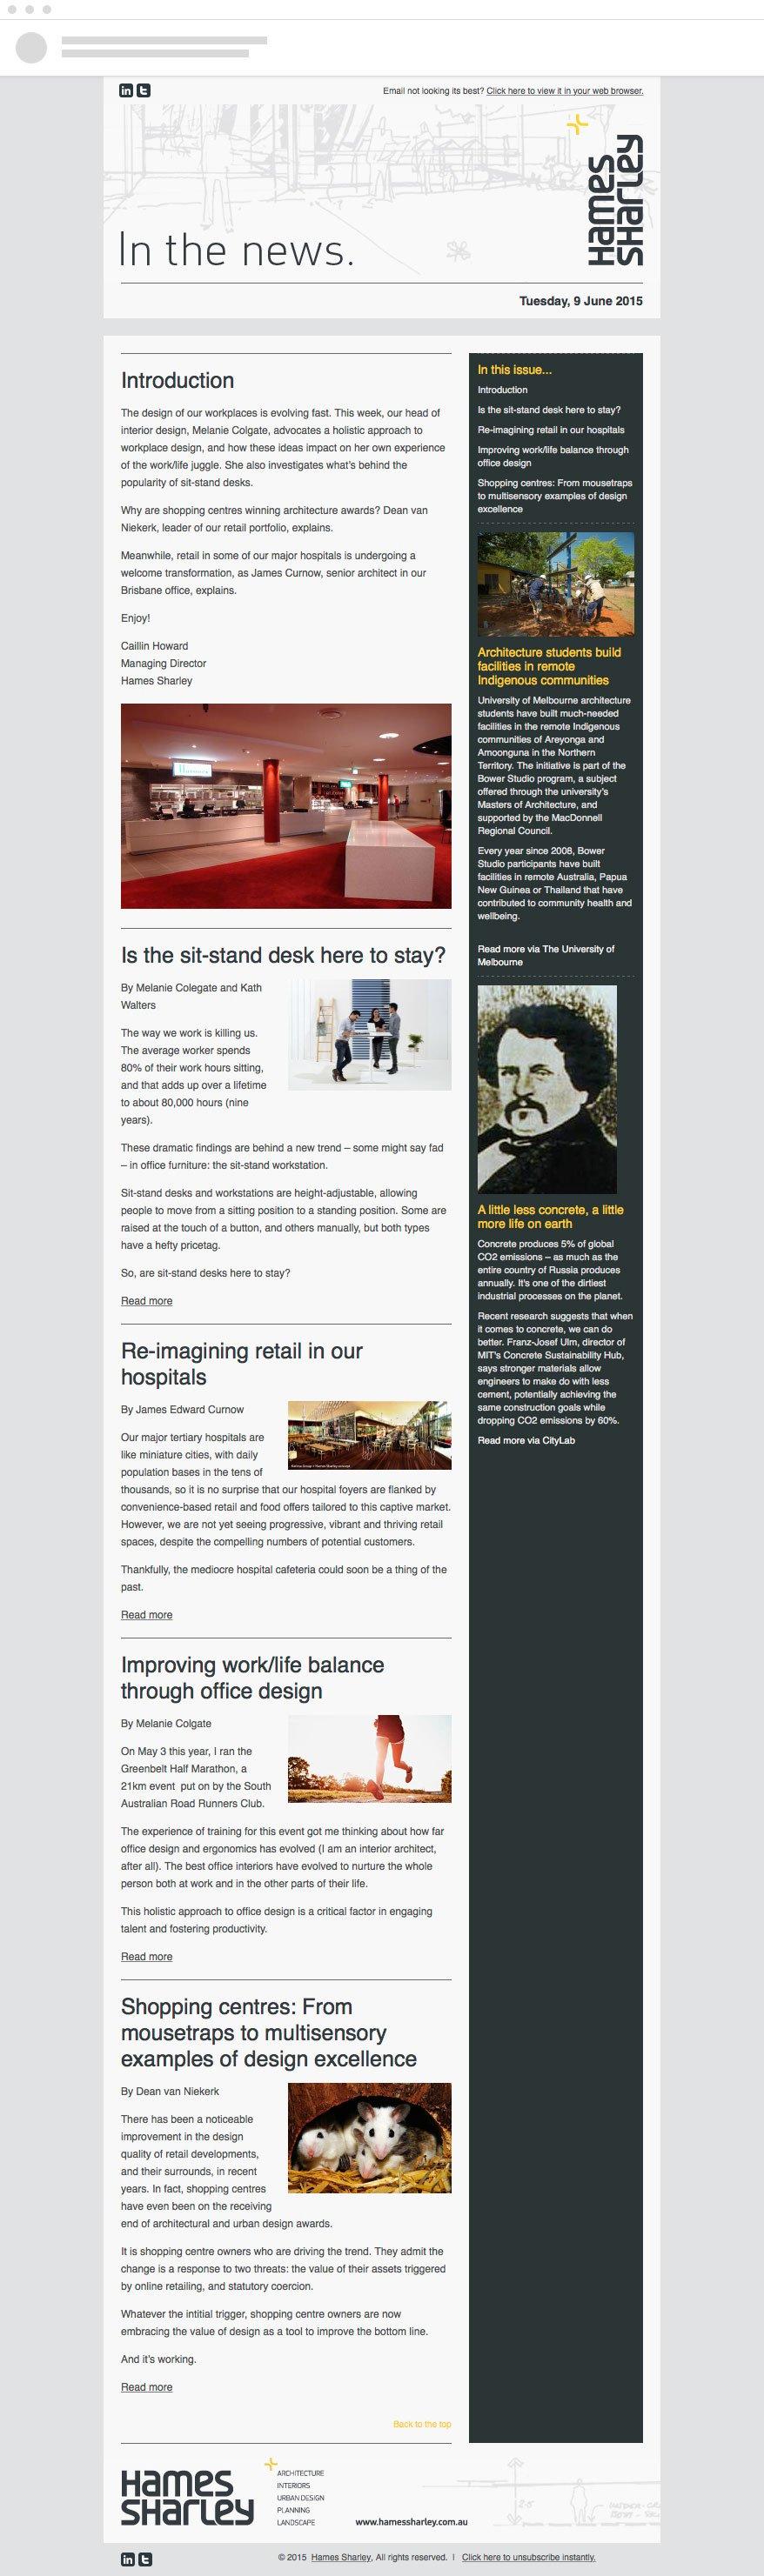 Hames Sharley Email Newsletter Design